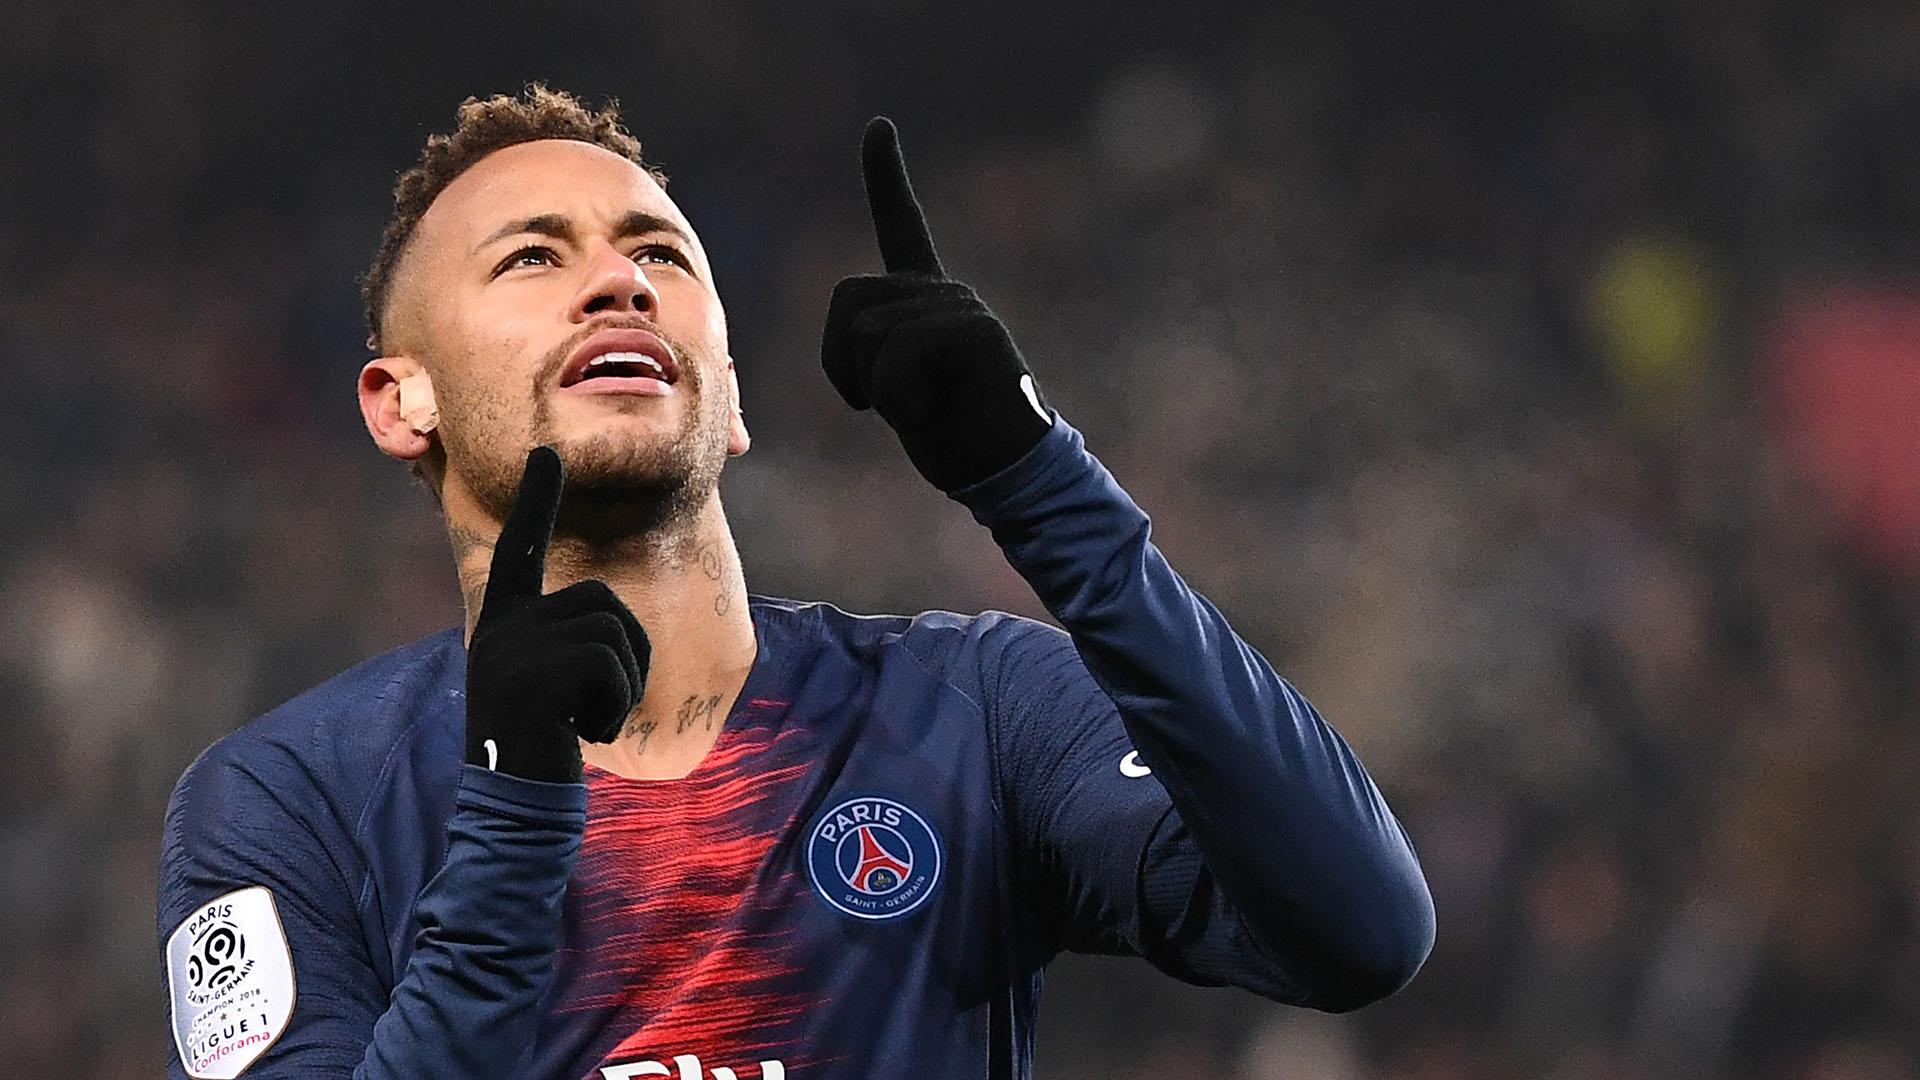 Mercato PSG: Manchester United serait en pole pour recruter Neymar